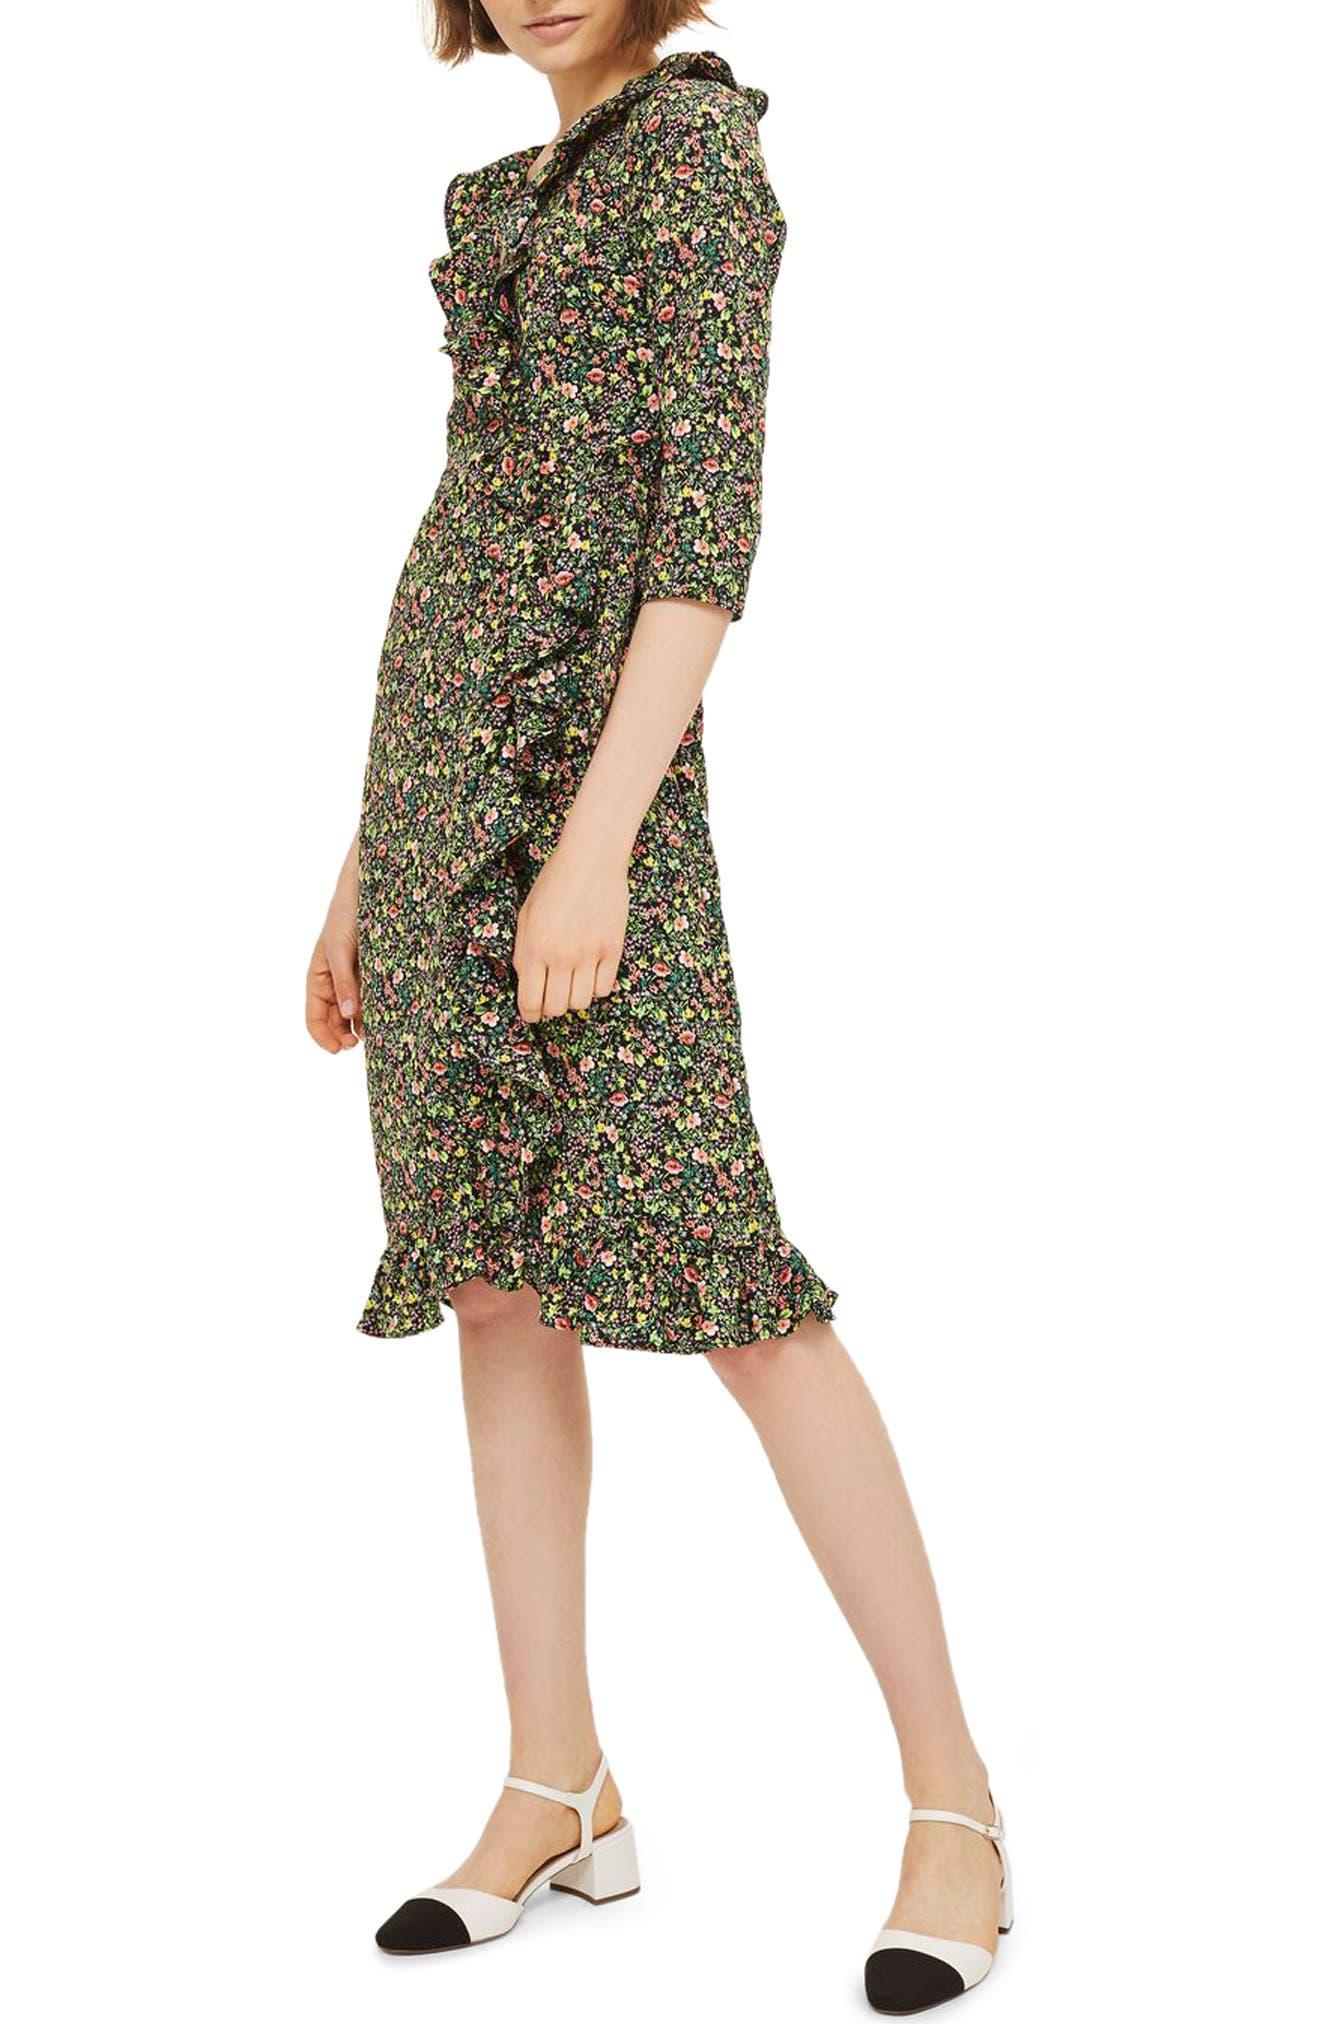 Topshop Flower Garden Ruffle Wrap Dress